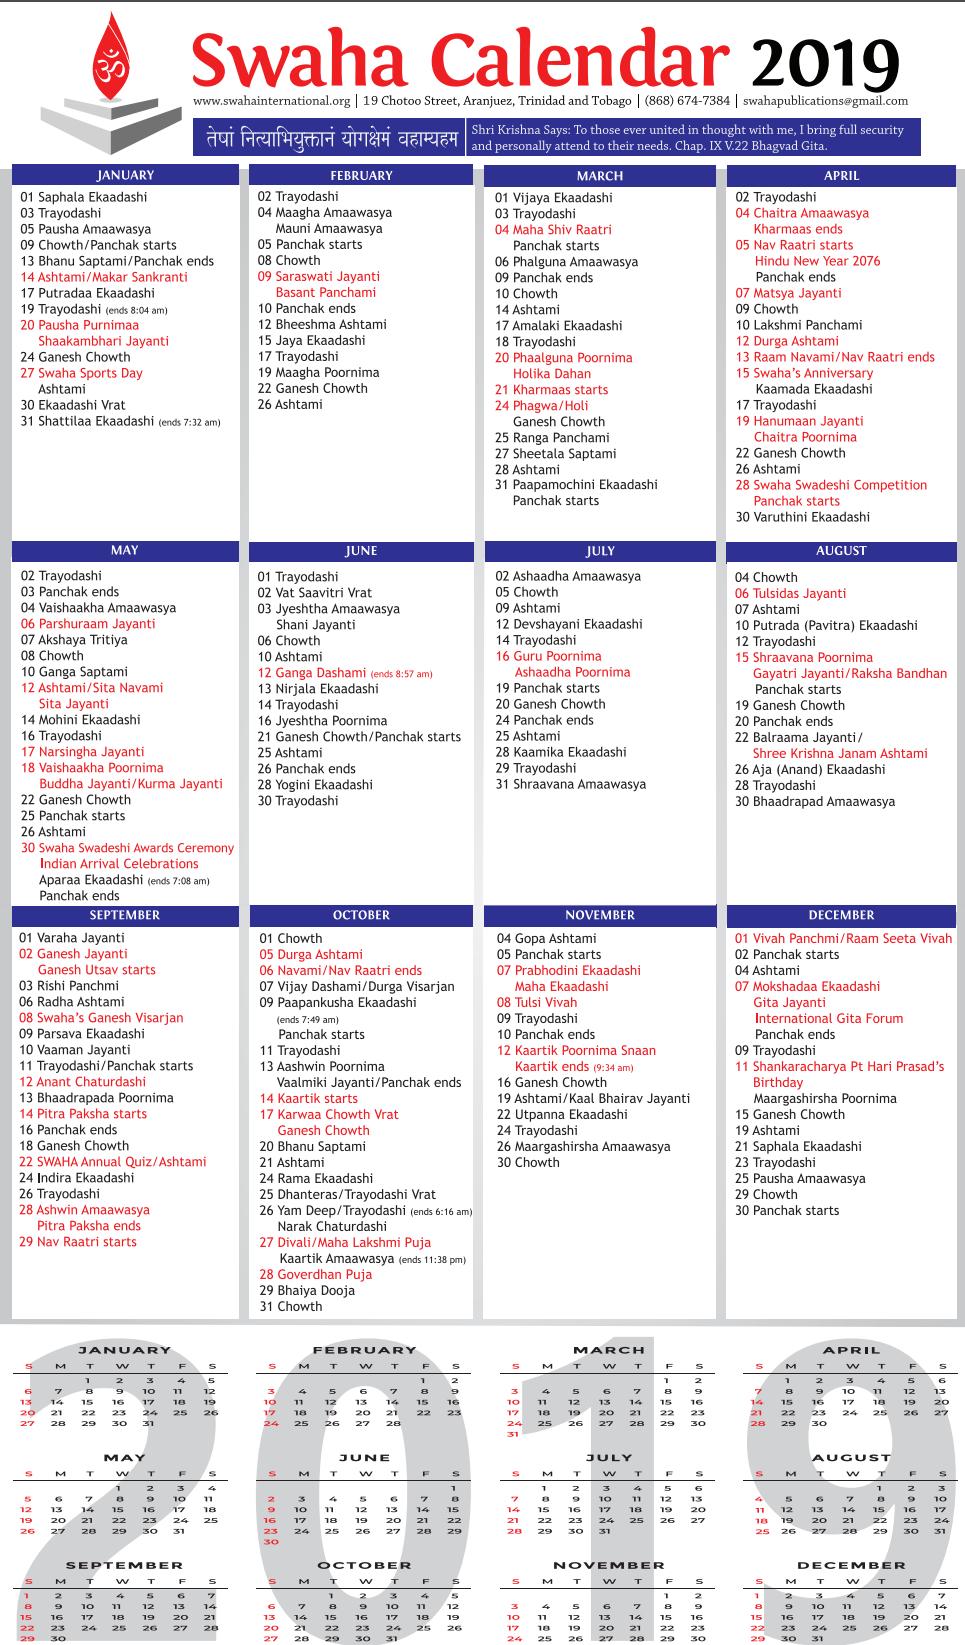 Calendar 2019 – Swaha International T&t Calendar 2019